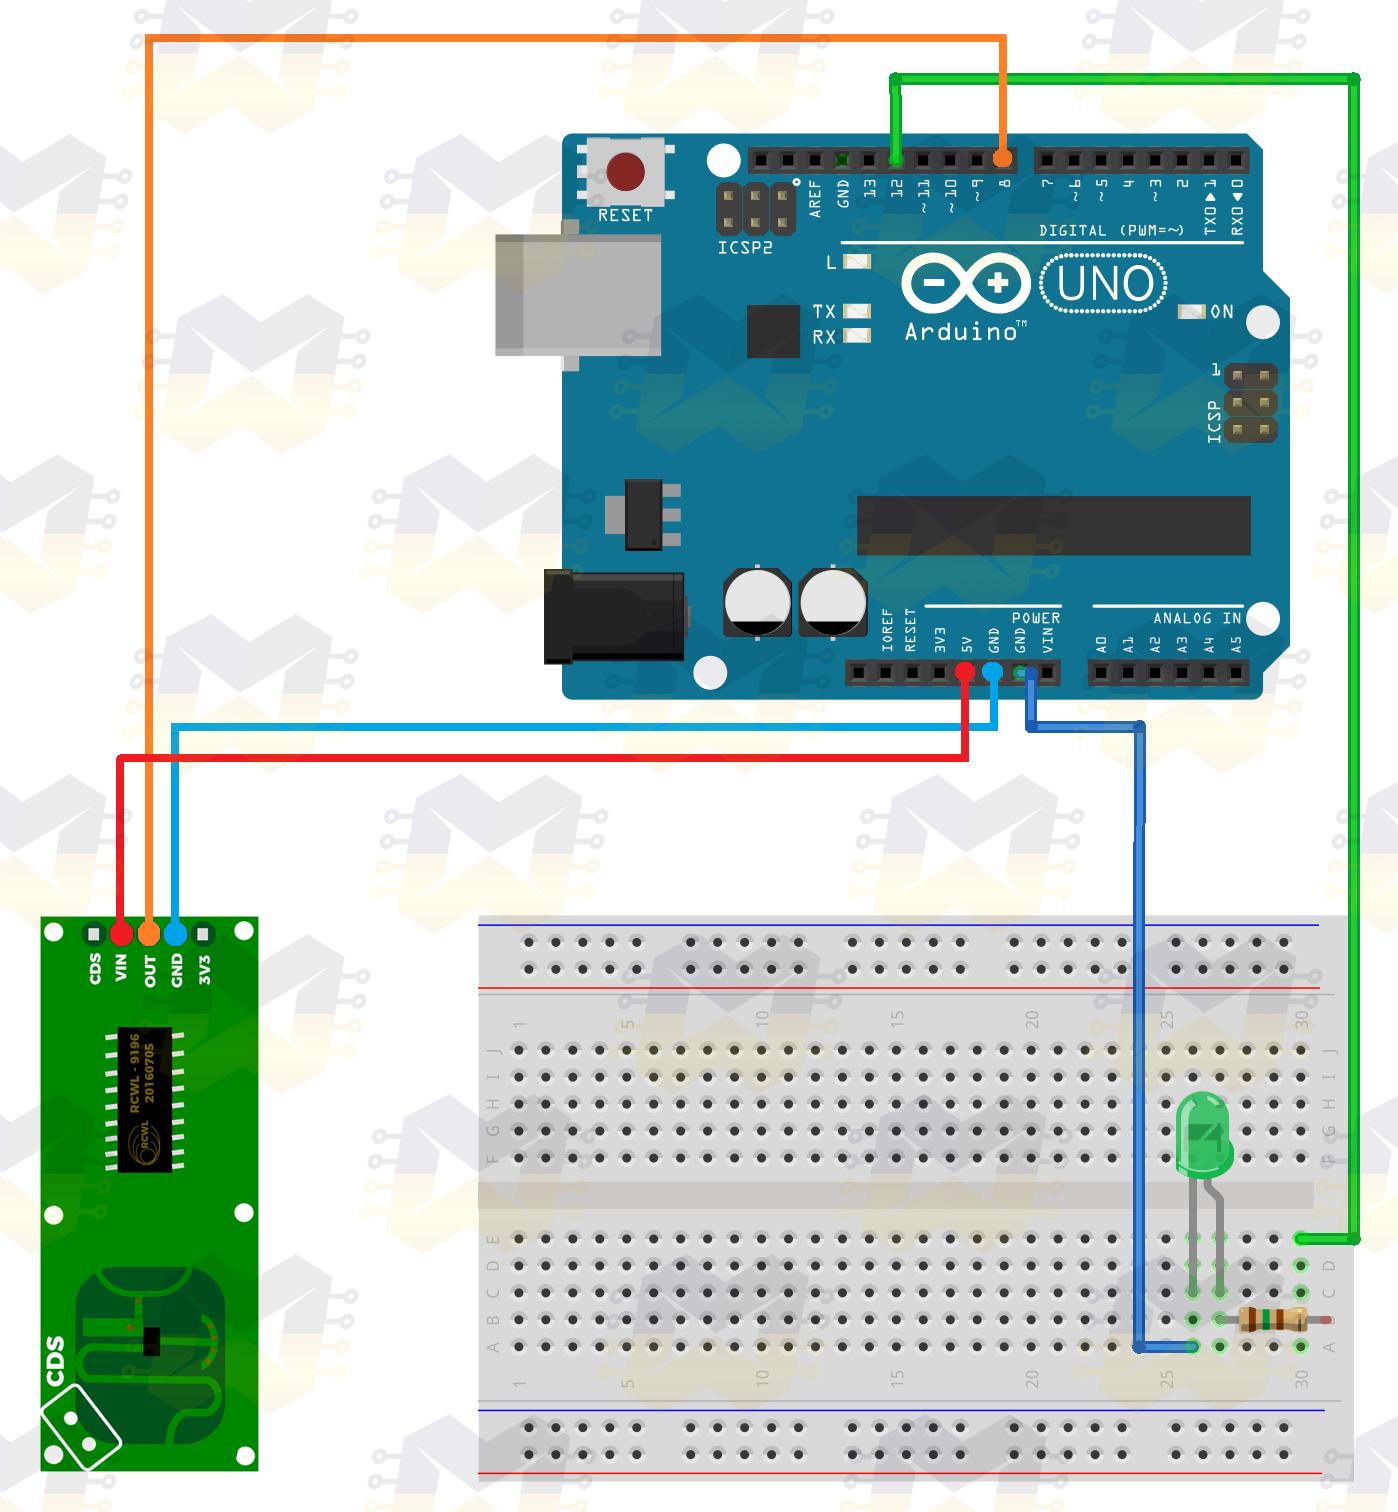 img01_como_usar_com_arduino_sensor_microondas_rcwl_0516_detector_de_movimento_presenca_pir_radar_doppler